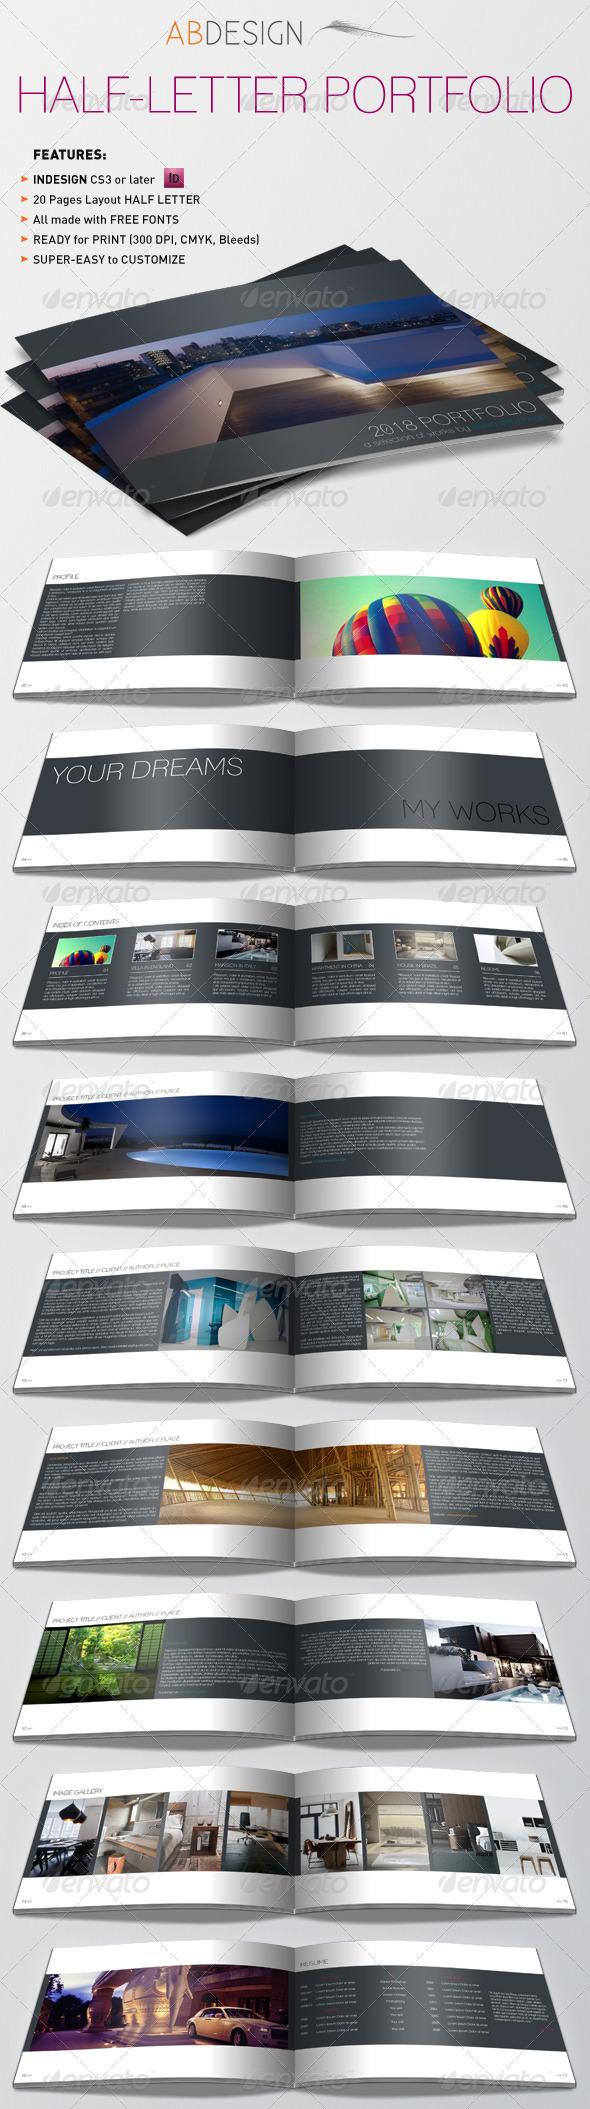 GraphicRiver Half-Letter Portfolio & Resume Template 3259740